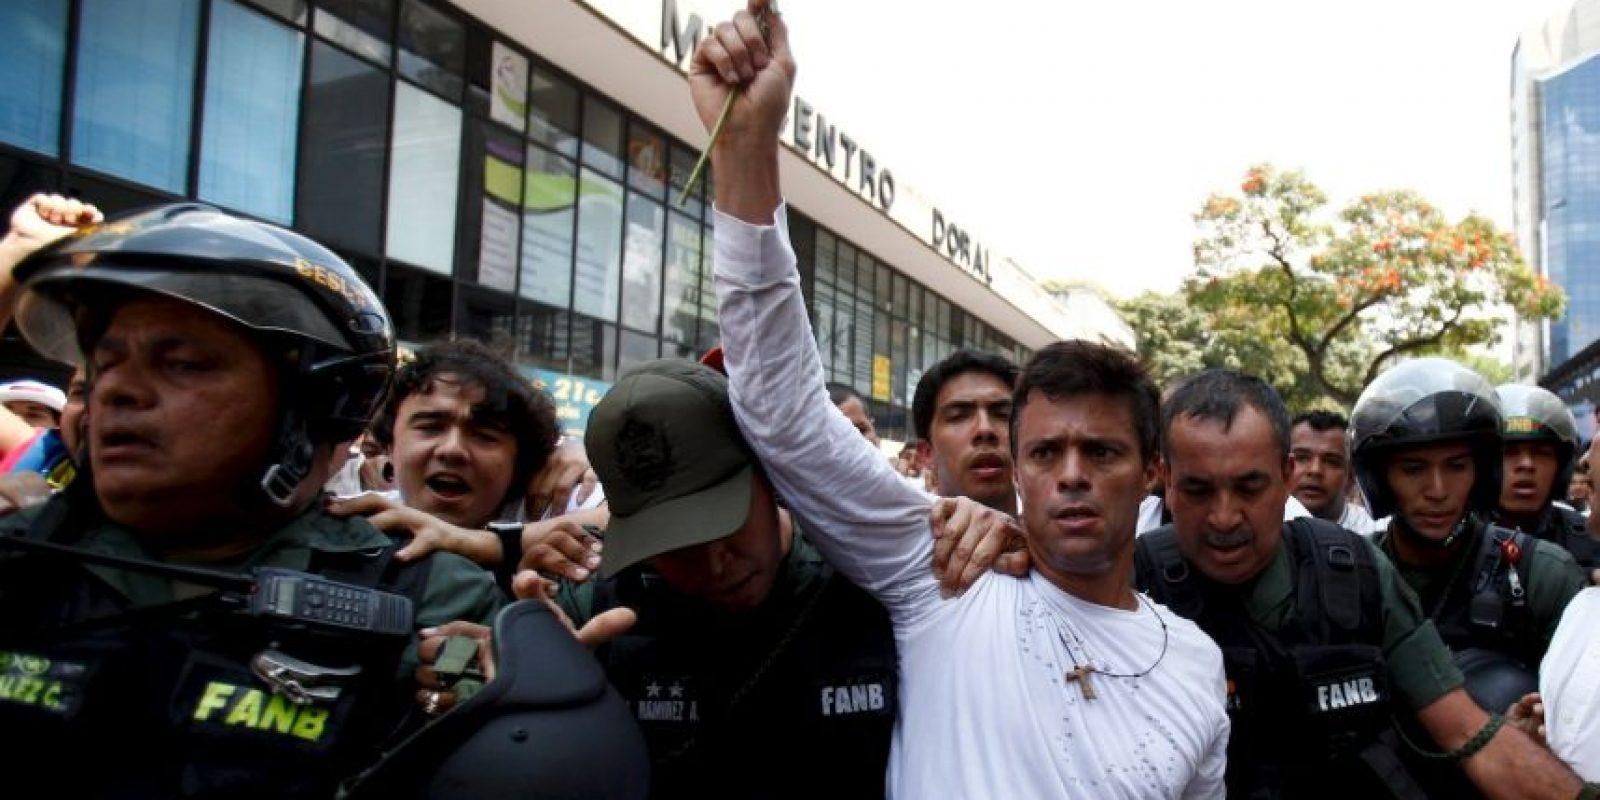 El 10 de septiembre de 2015, López fue hallado culpable y sentenciado a 13 años, 9 meses en prisión.